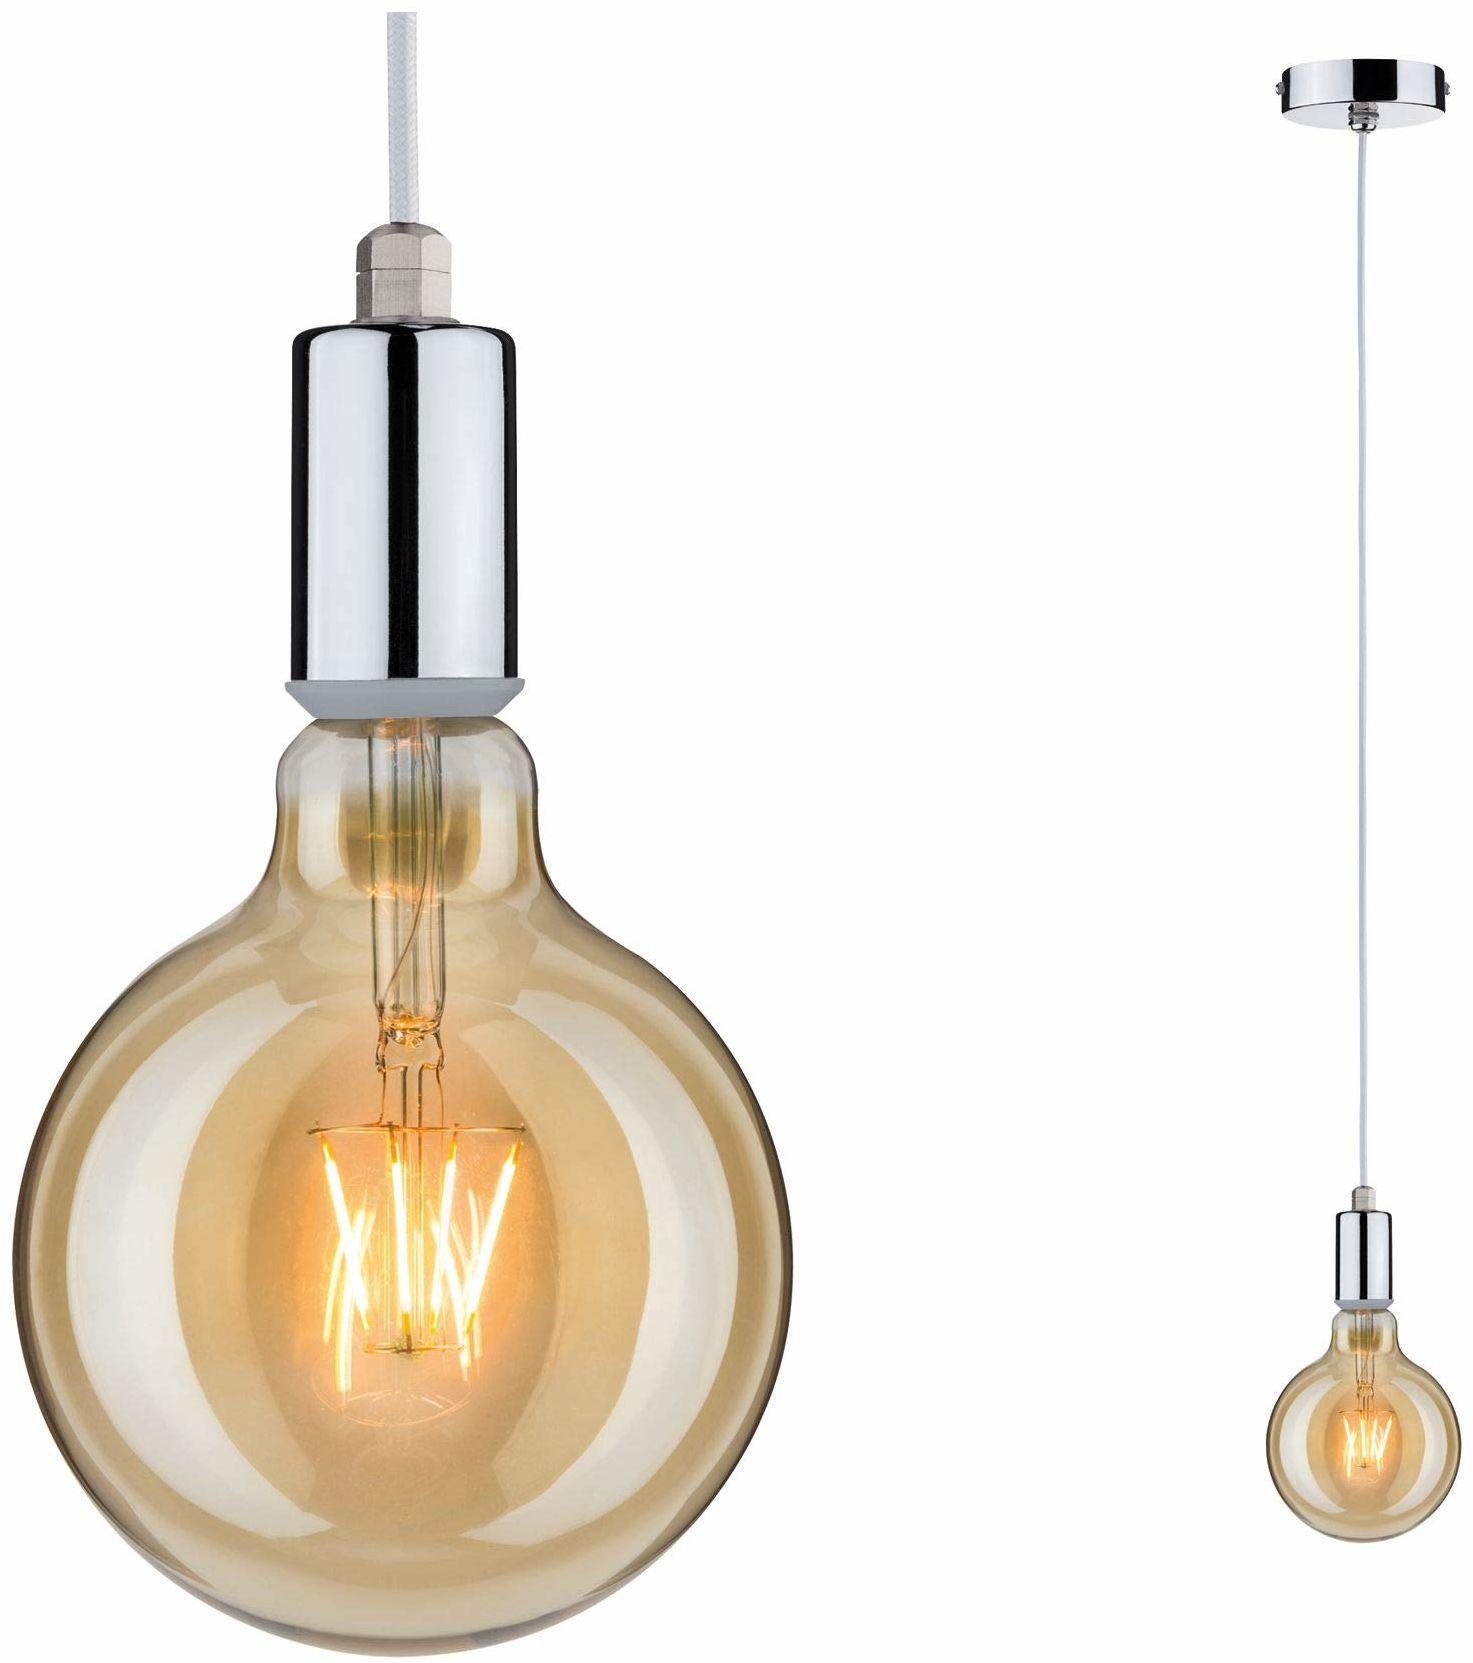 Paulmann 79753 lampa wisząca Larus maks. 20 watów IP44 lampa wisząca chrom lampa wisząca metal lampa wisząca E27